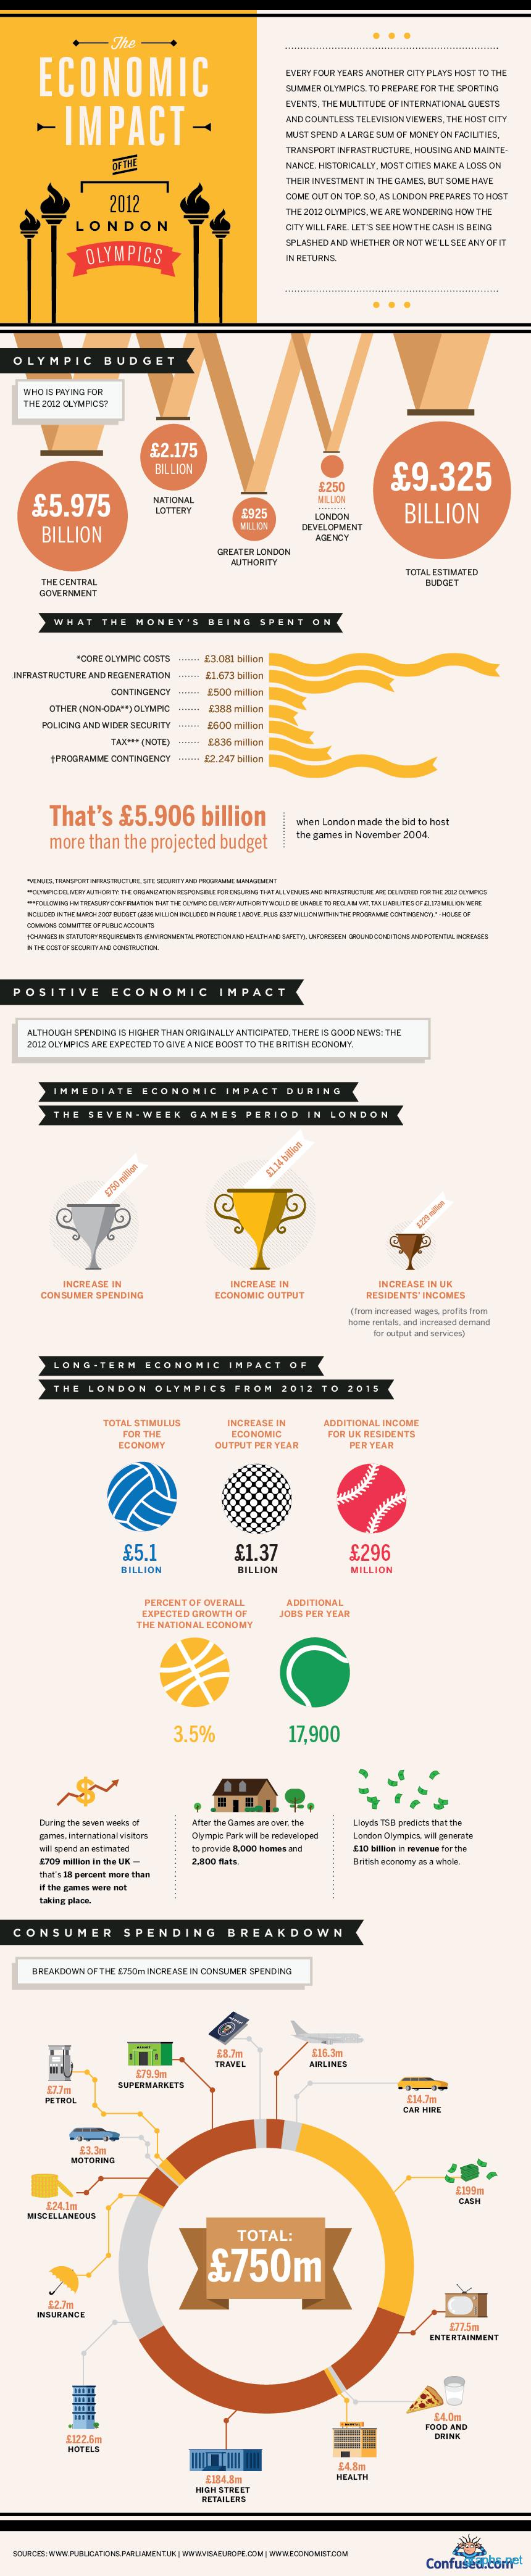 Impact of 2012 Olympics on Economy